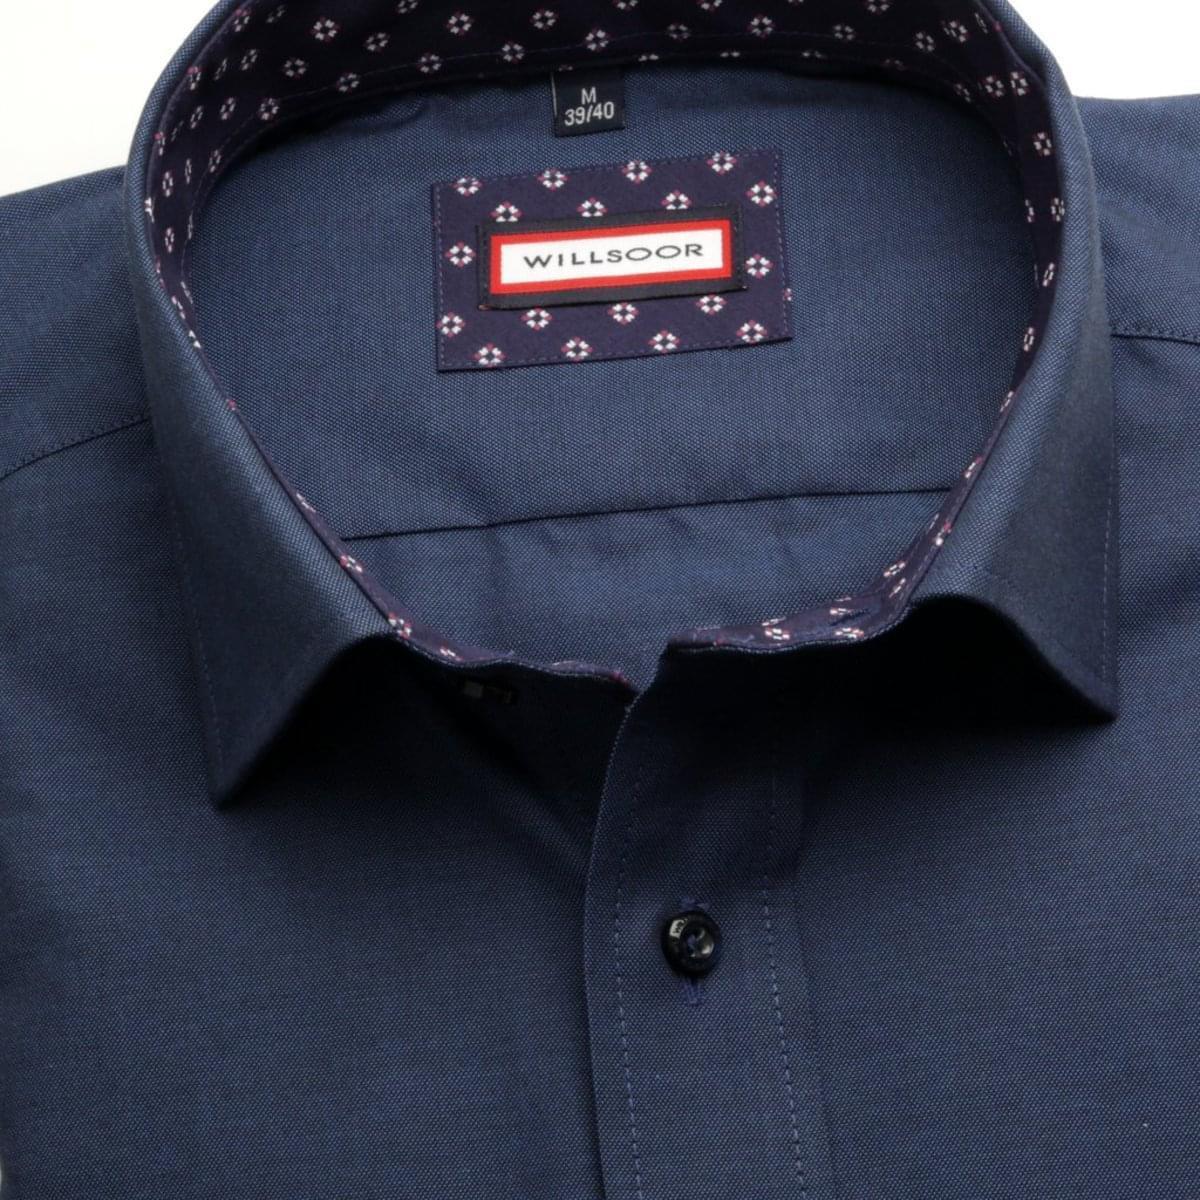 Pánská slim fit košile (výška 176-182) 6944 v modré barvě s formulí Easy Care 176-182 / L (41/42)